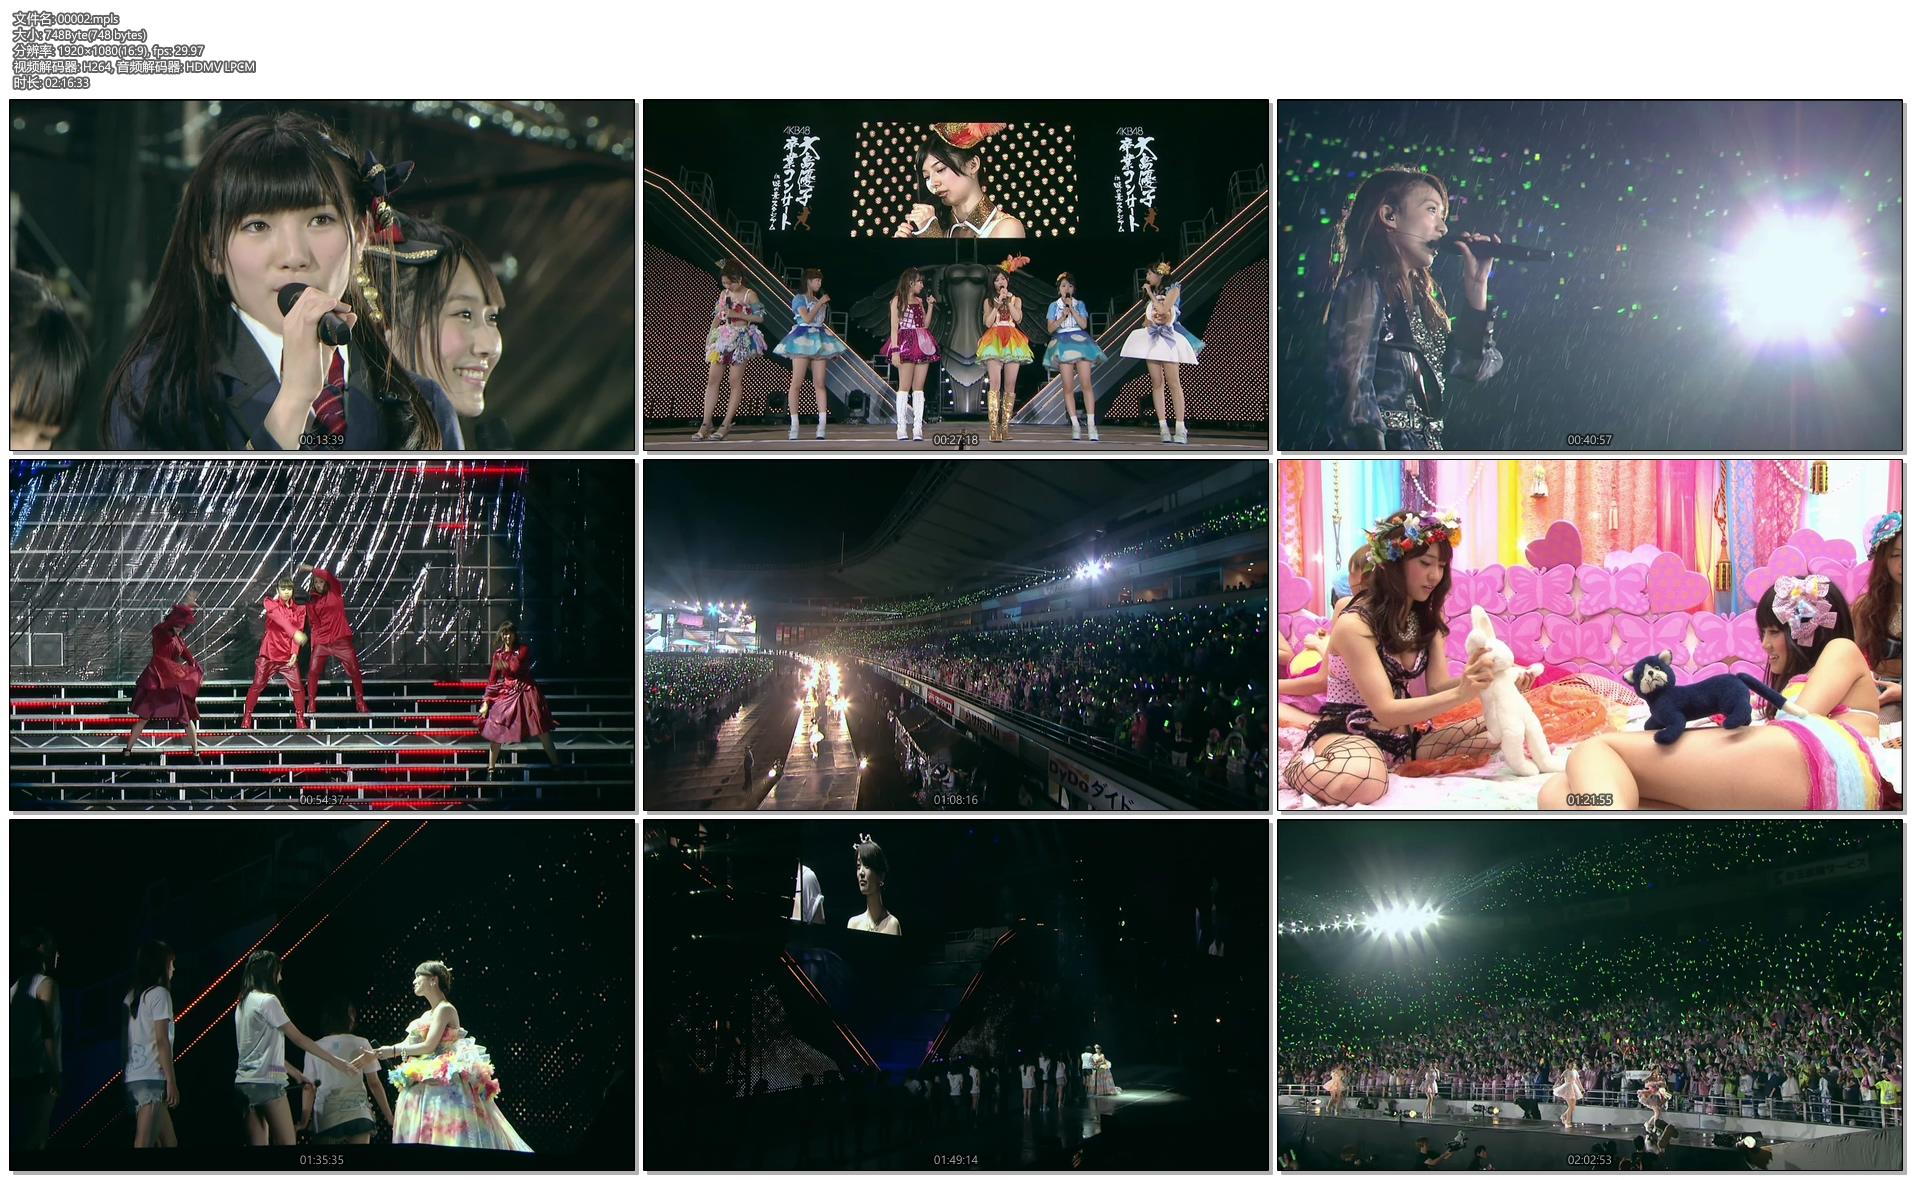 [蓝光原盘] AKB48 大岛优子毕业演唱会《BDMV 6碟 198G》